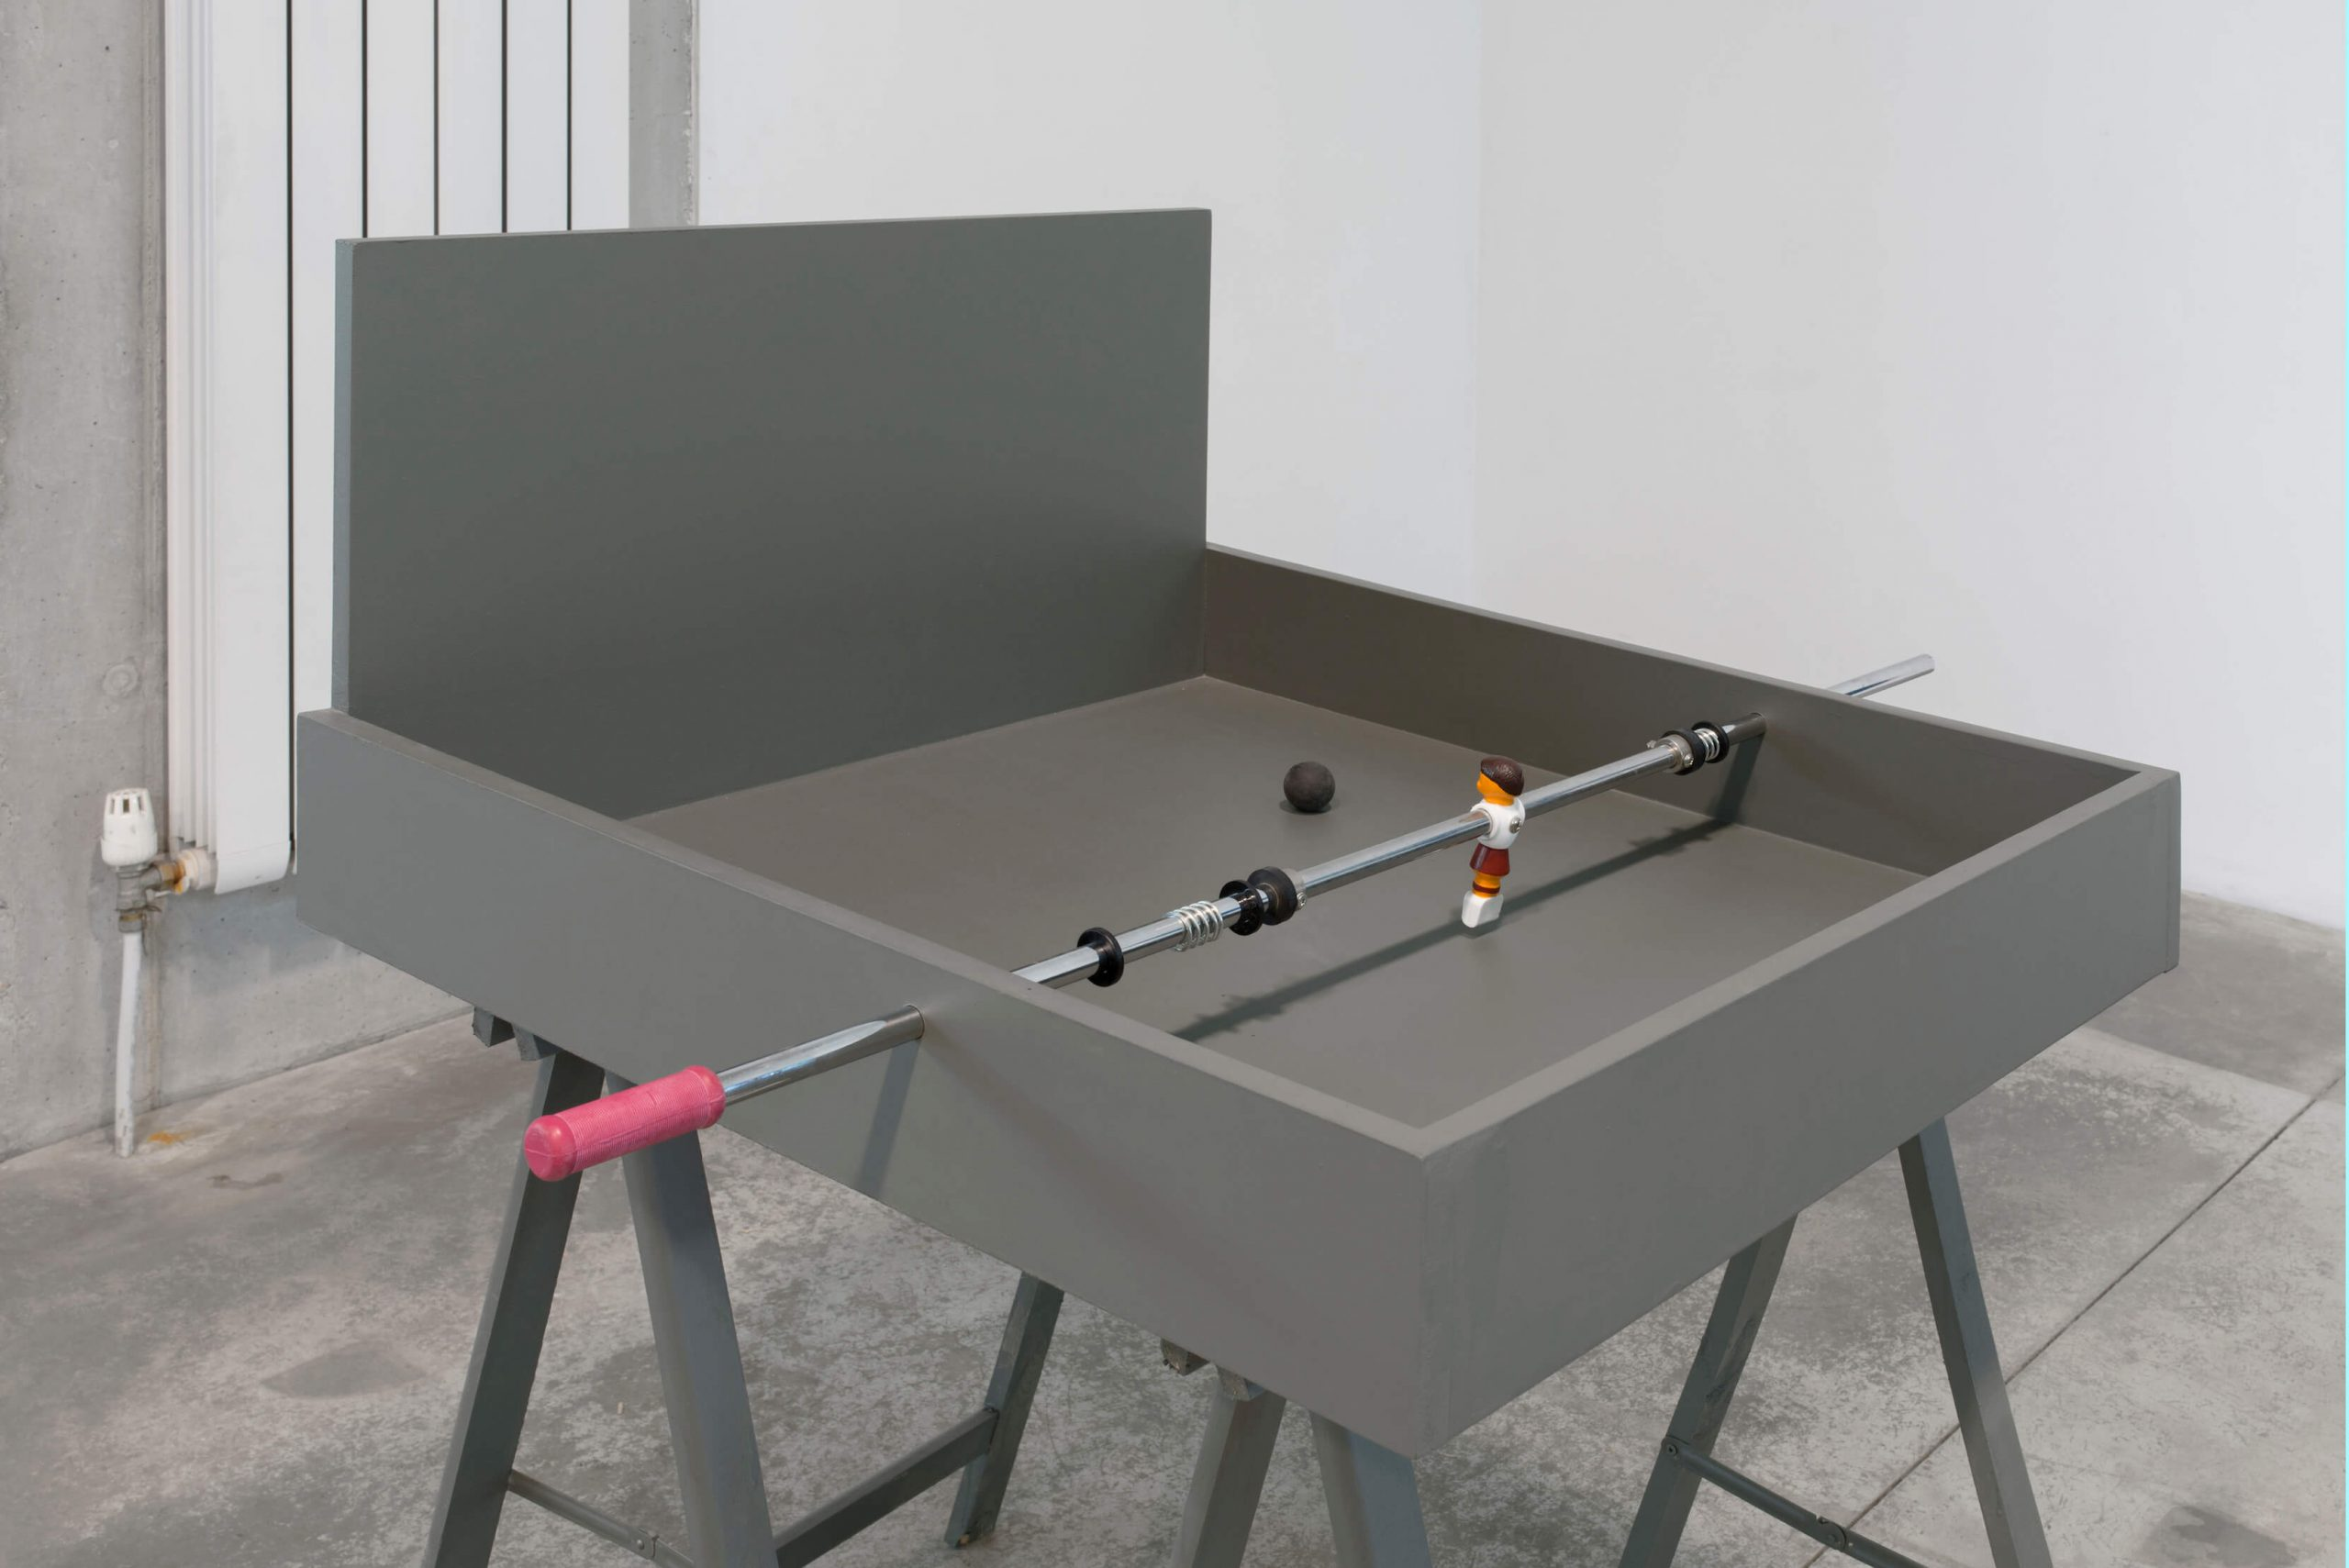 Gerard Herman, Wet Van behoud van ellende, 2015, MDF, table football player, 83x73x115 cm (1)